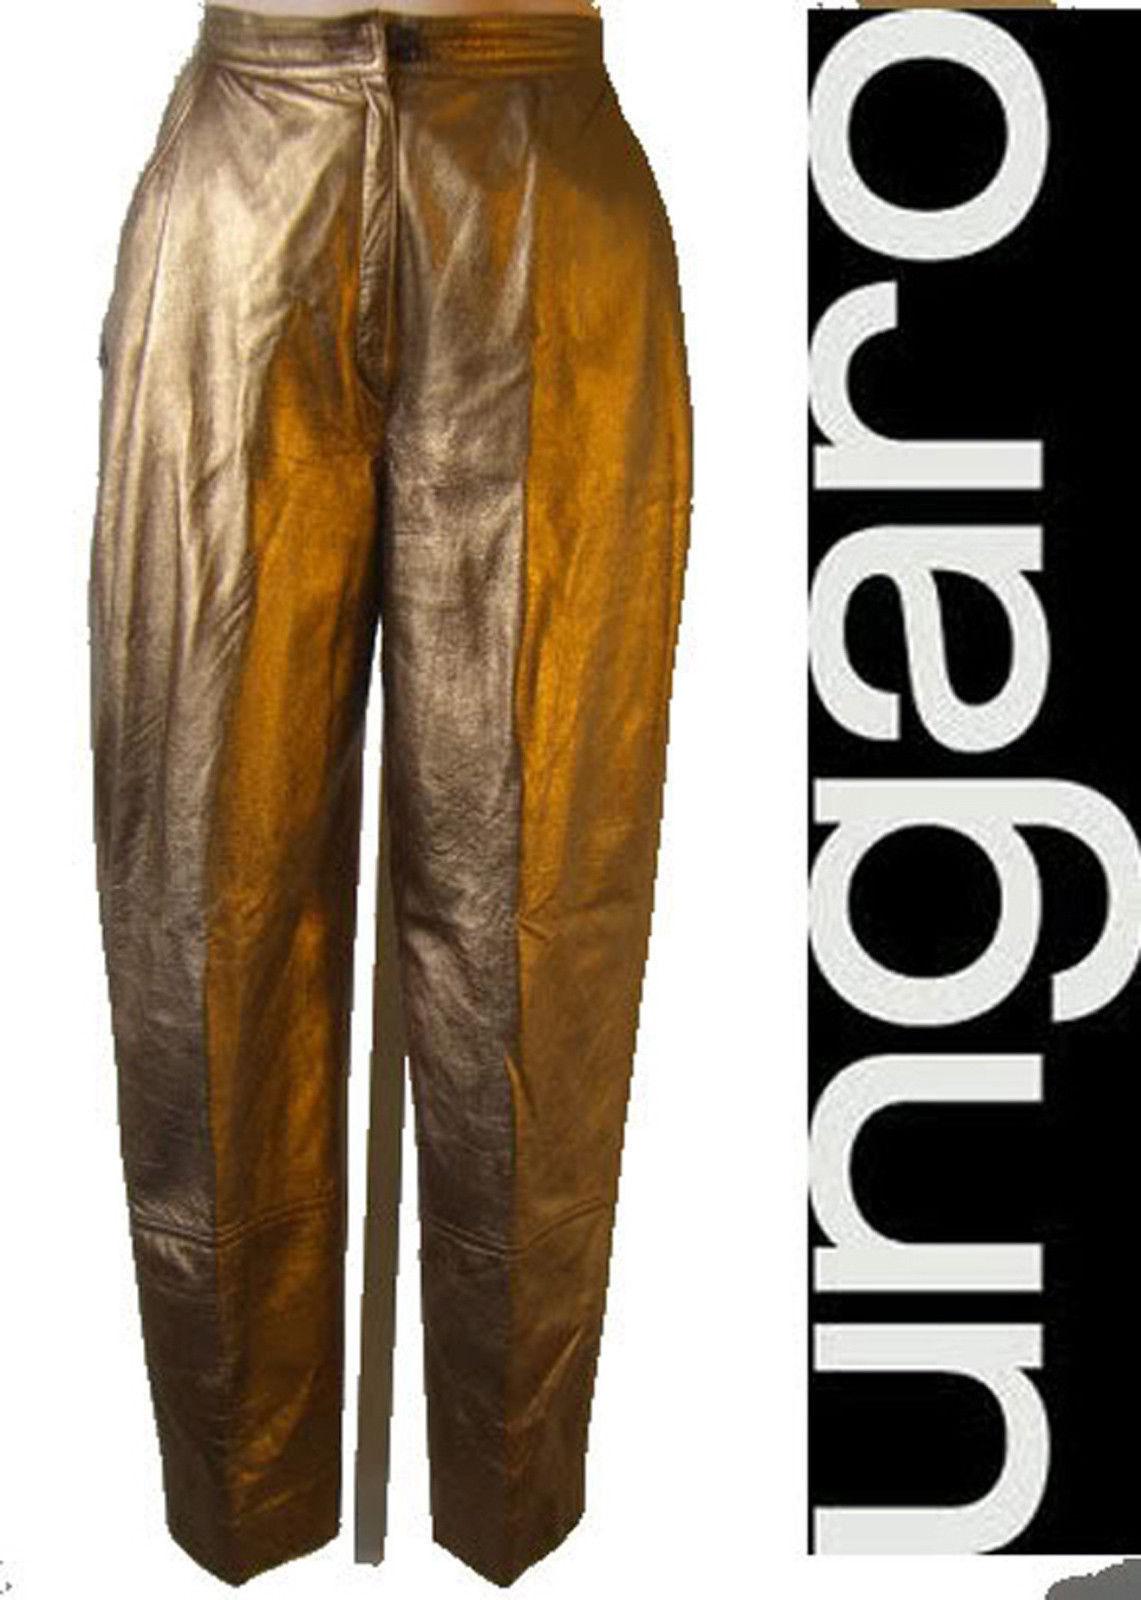 EMANUEL UNGARO parallele gold Leather suit pant 4 24 jean vintage disco s boler